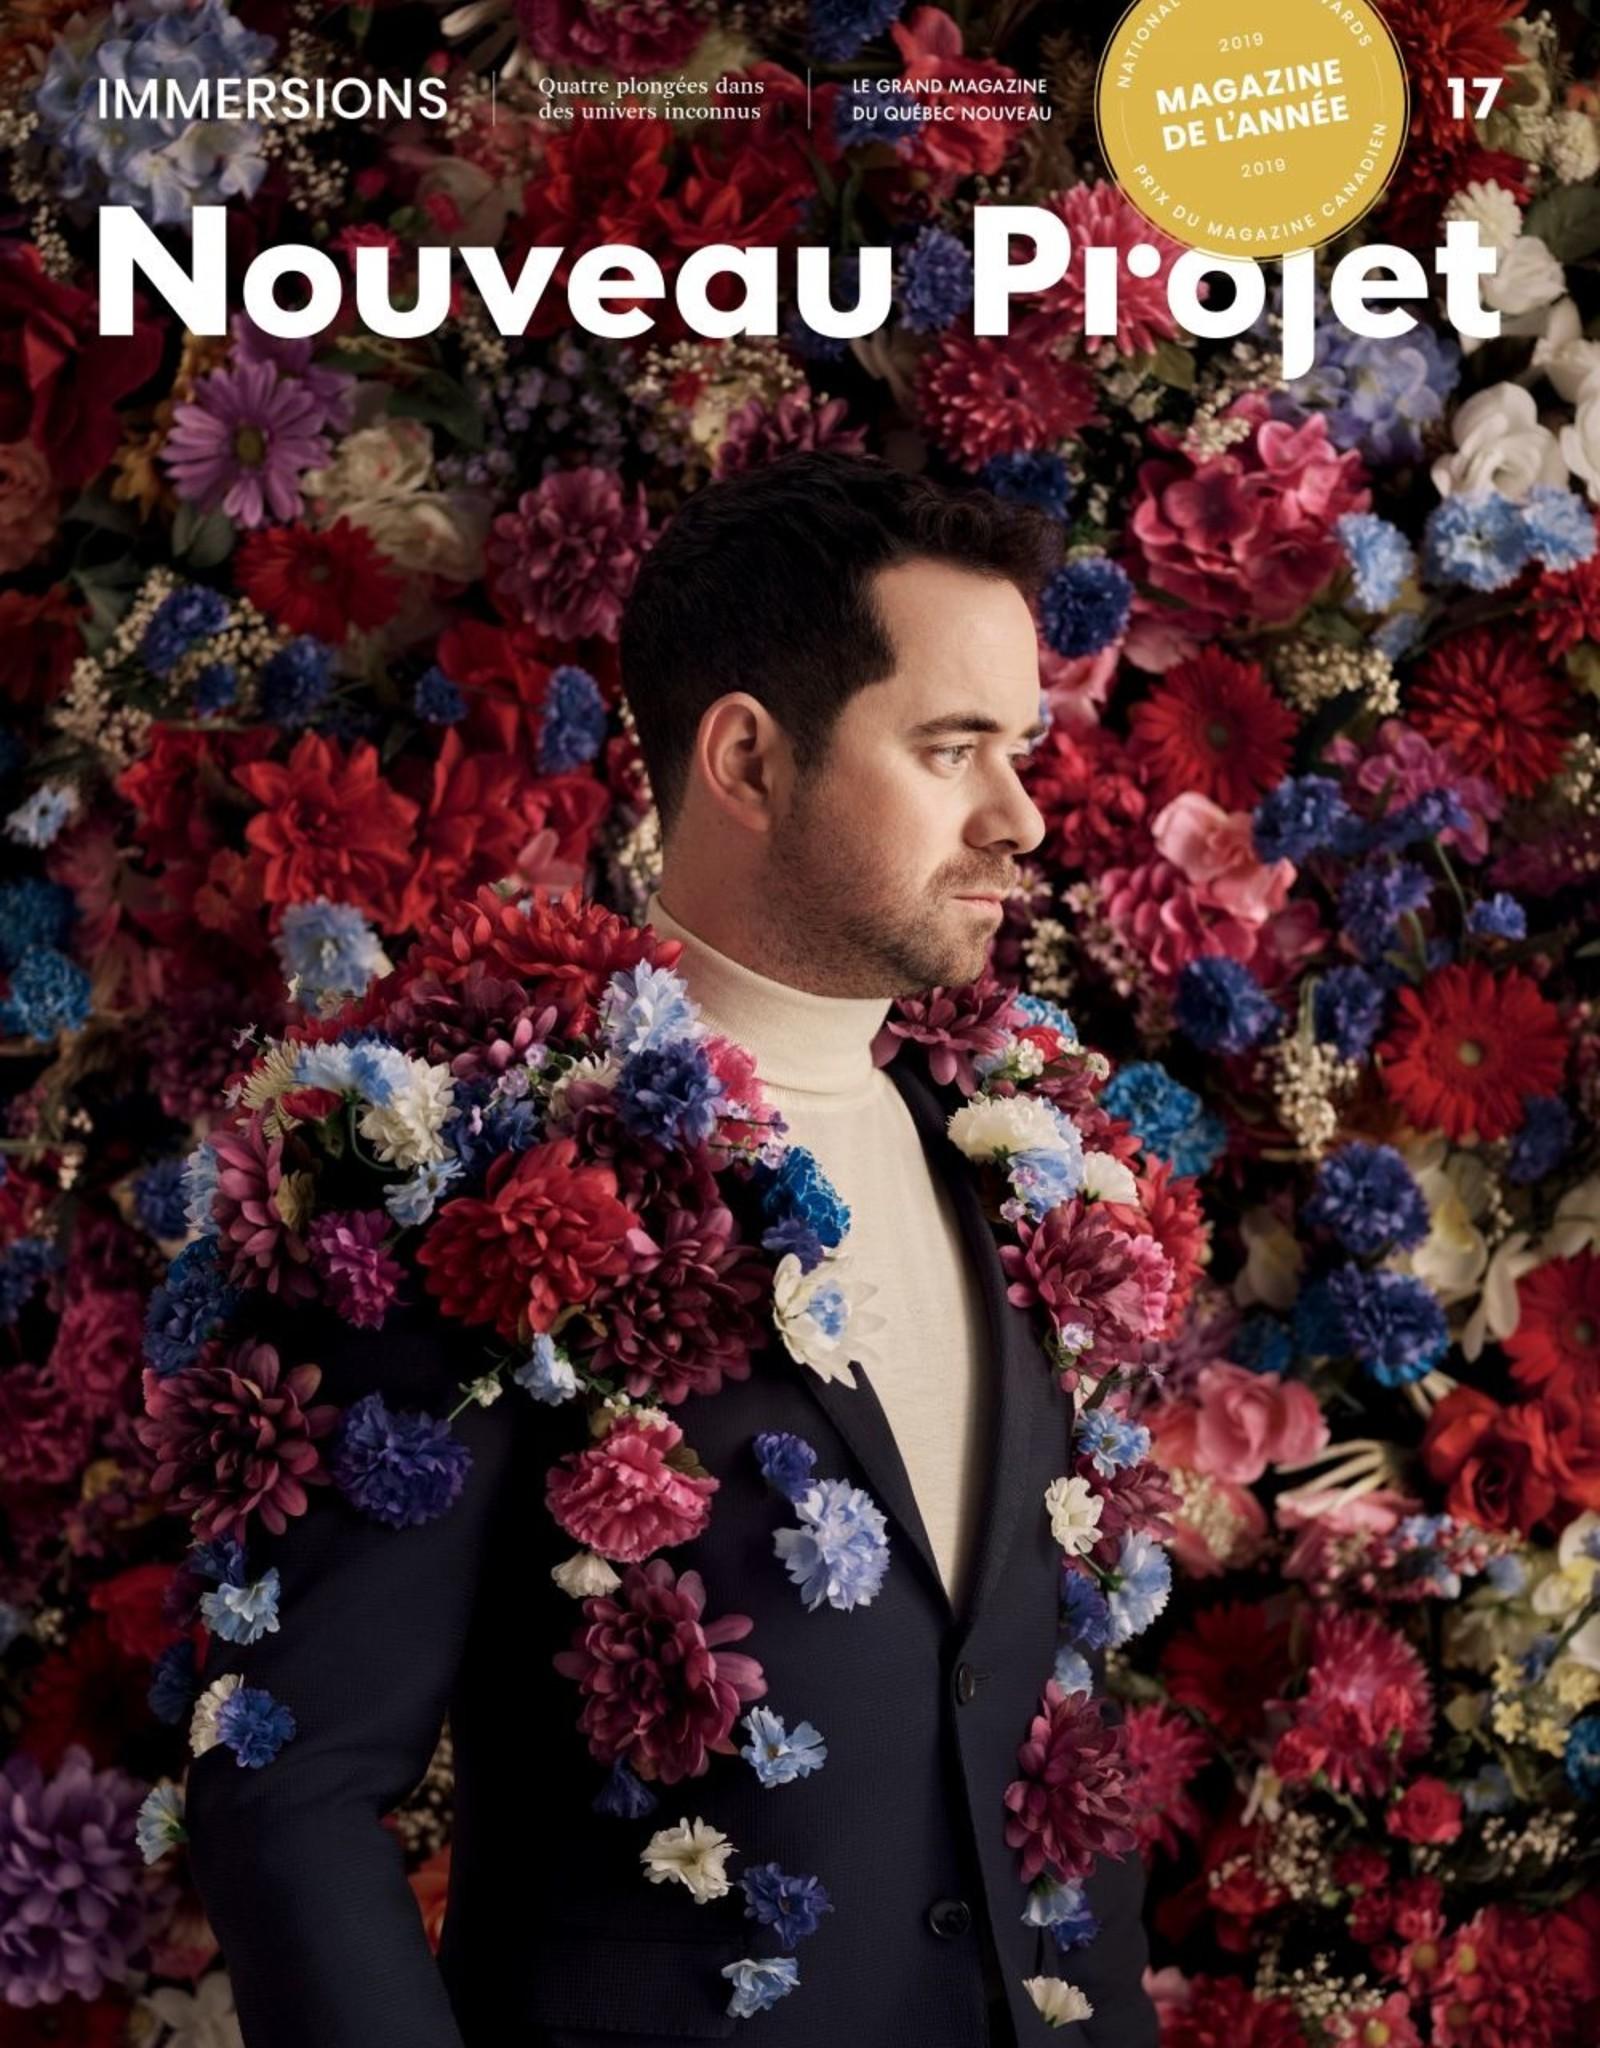 Atelier 10 Magazine Nouveau Projet 17